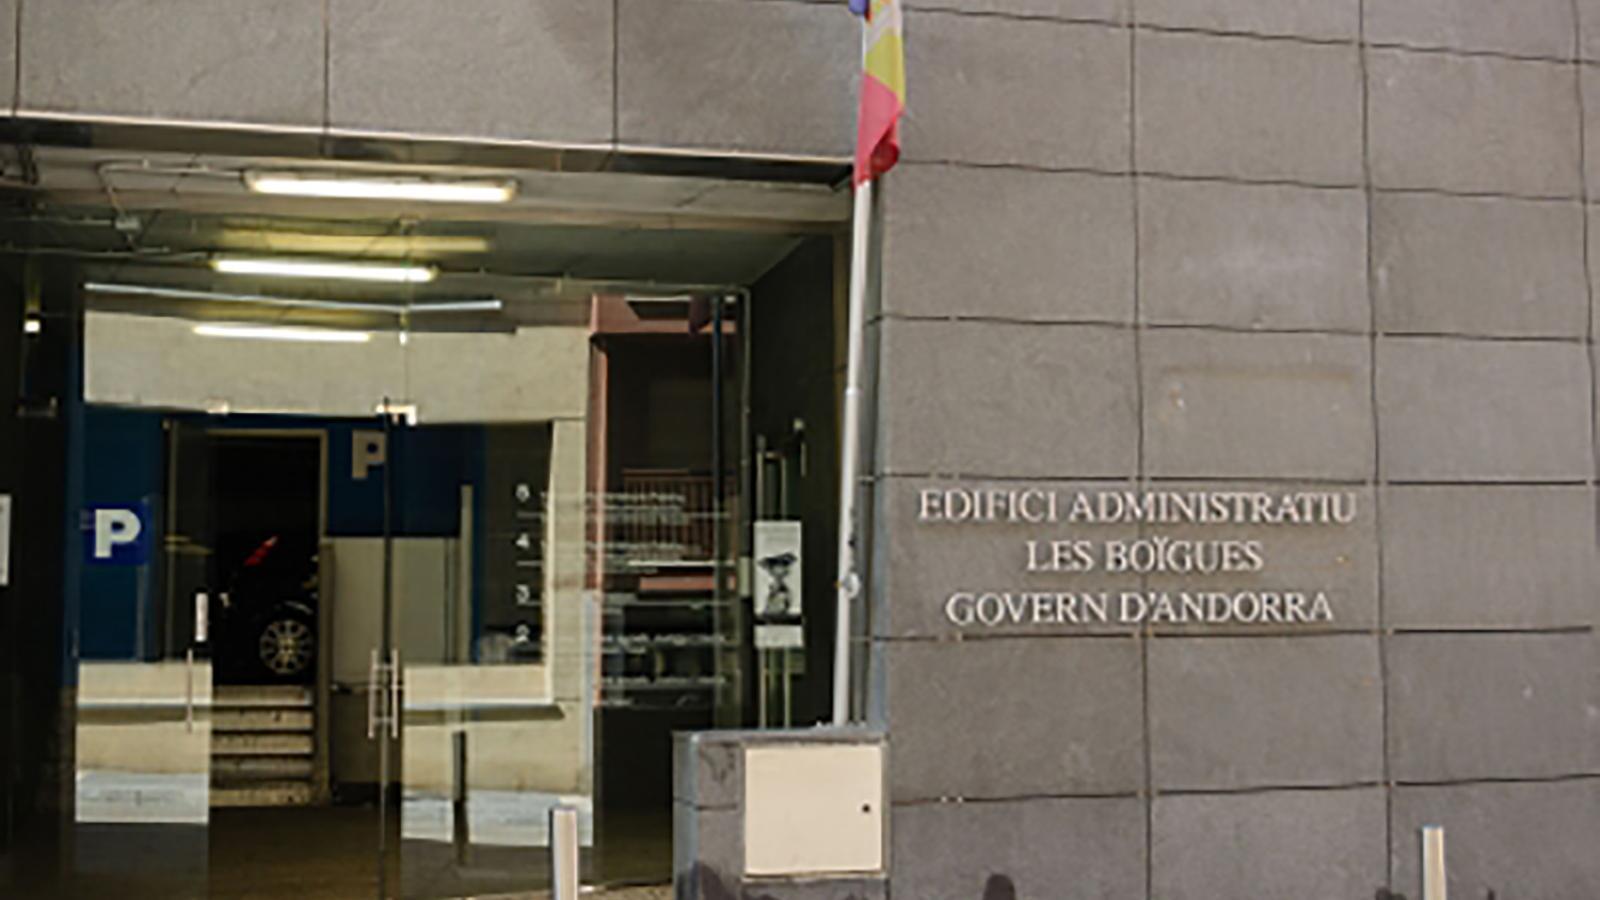 L'edifici de les Boïgues, on es troba el Servei d'Ocupació. / ARXIU ANA